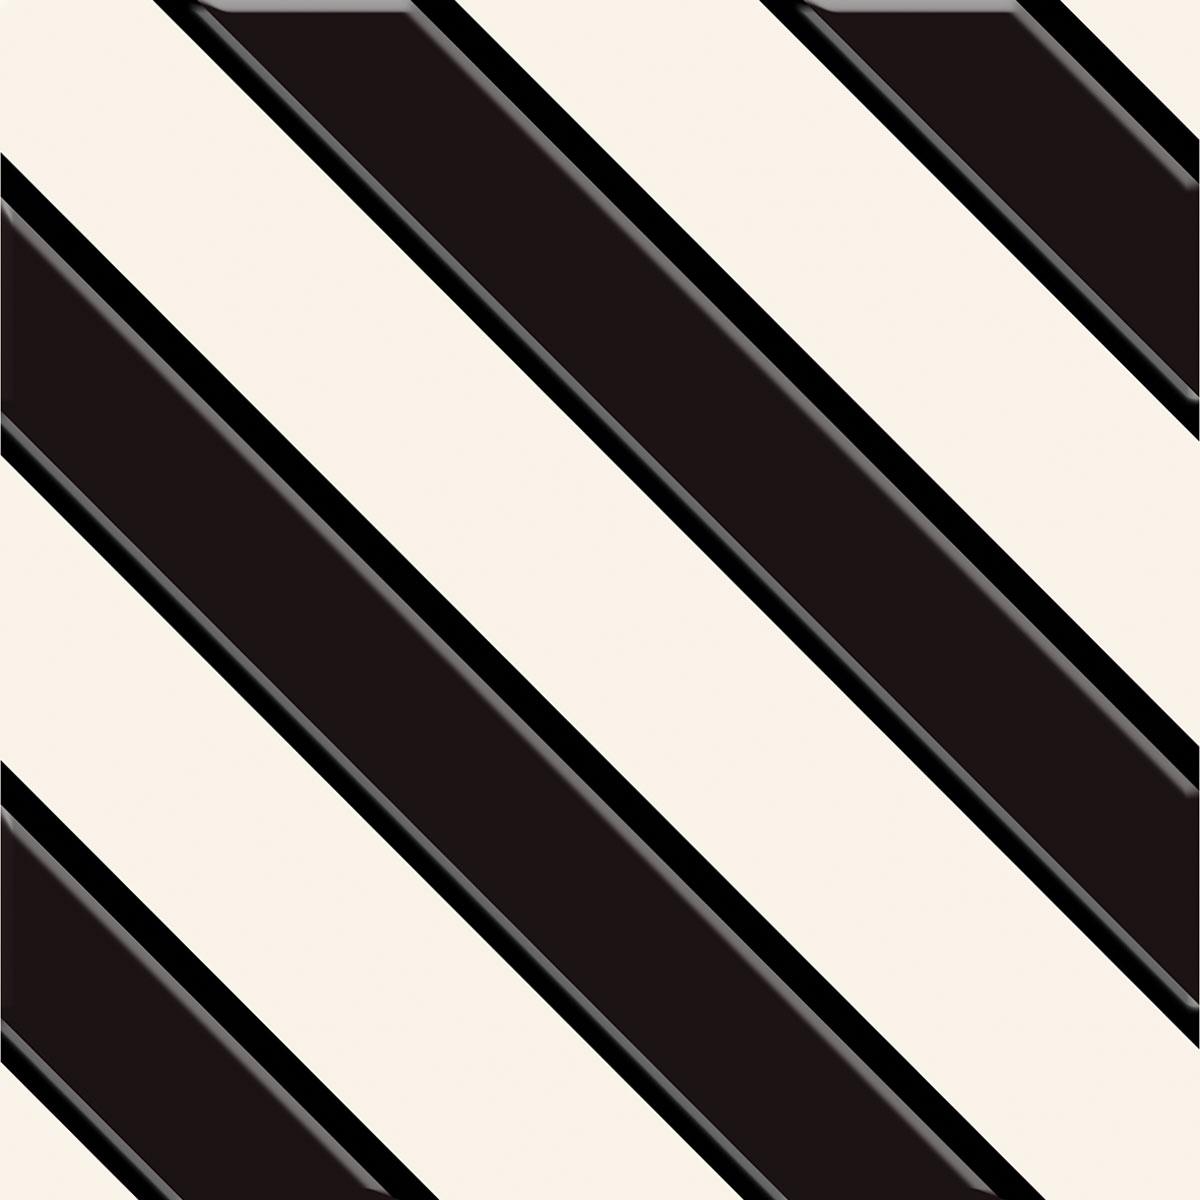 Signorino: 6. Black on White